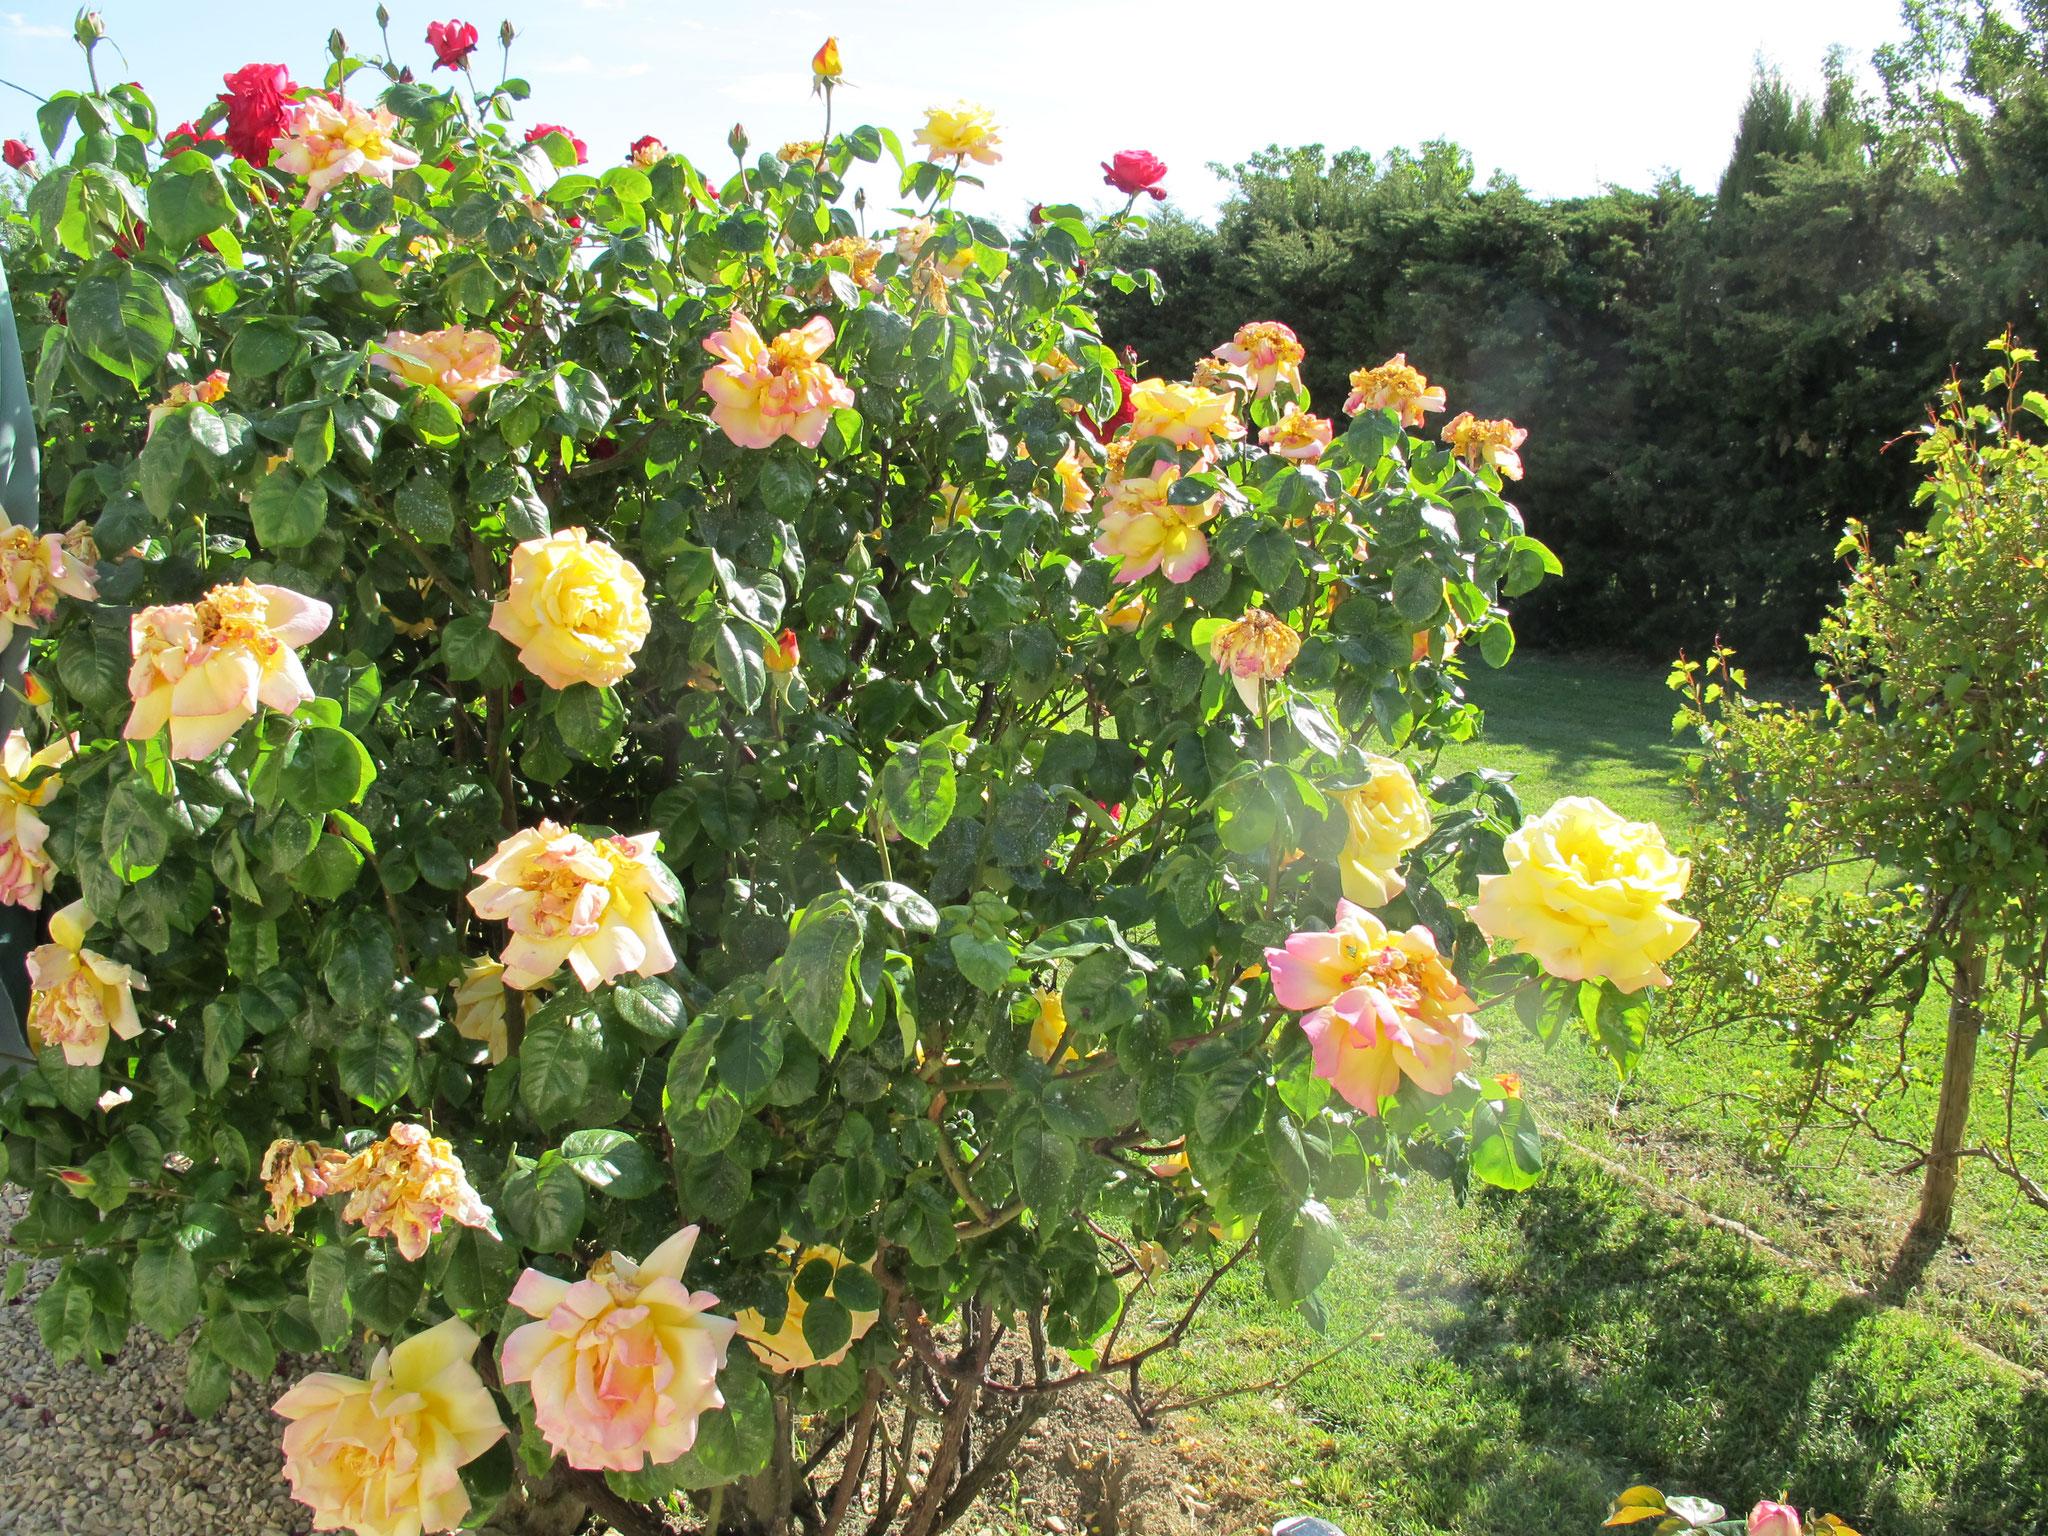 loucardaline-bedoin-ventoux-chambre d hotes-vaucluse-vacances-hébergement-été-jardin fleurie